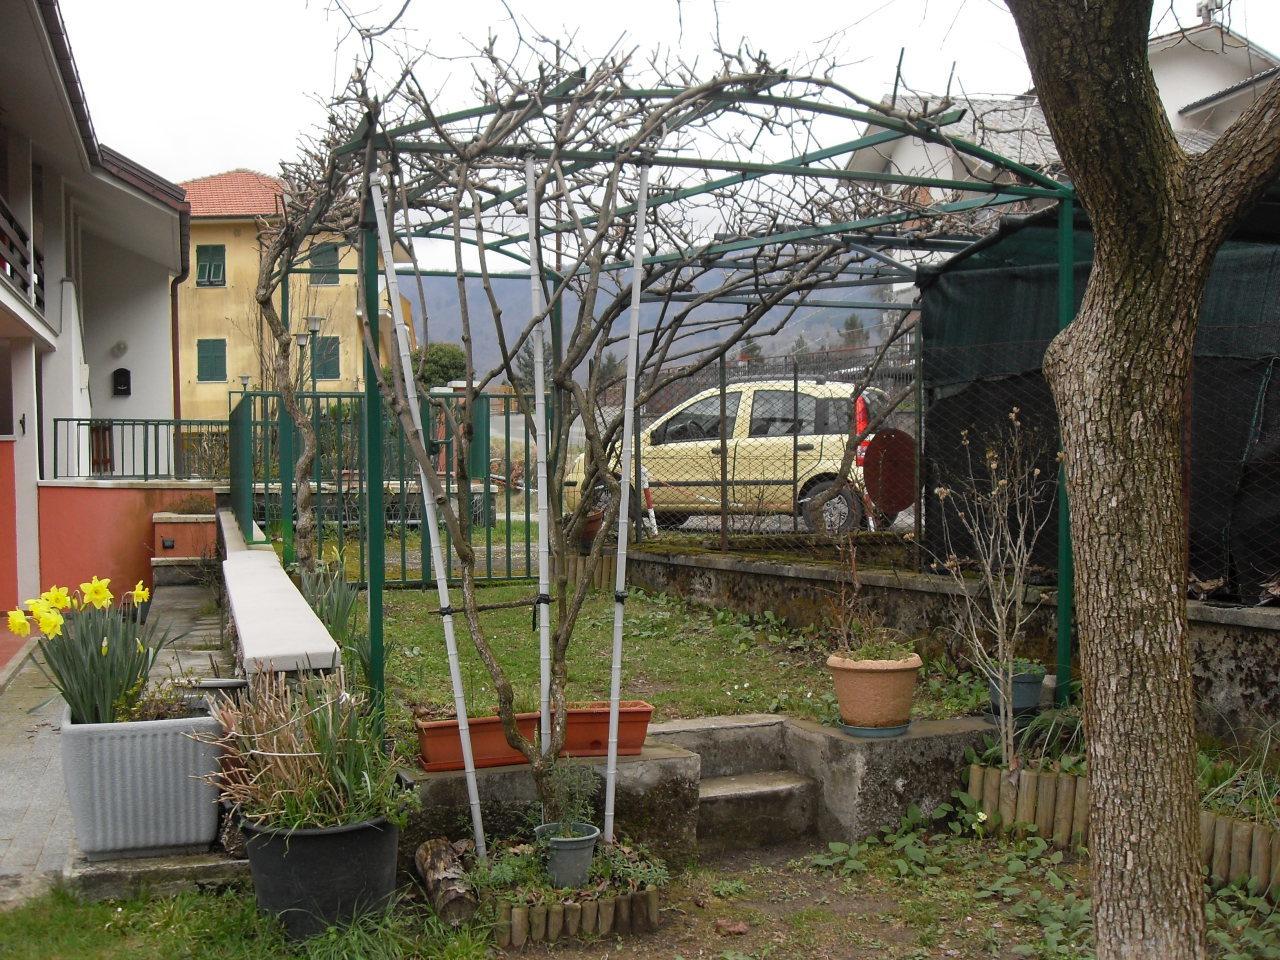 Appartamento in vendita a Borzonasca, 5 locali, prezzo € 50.000 | CambioCasa.it